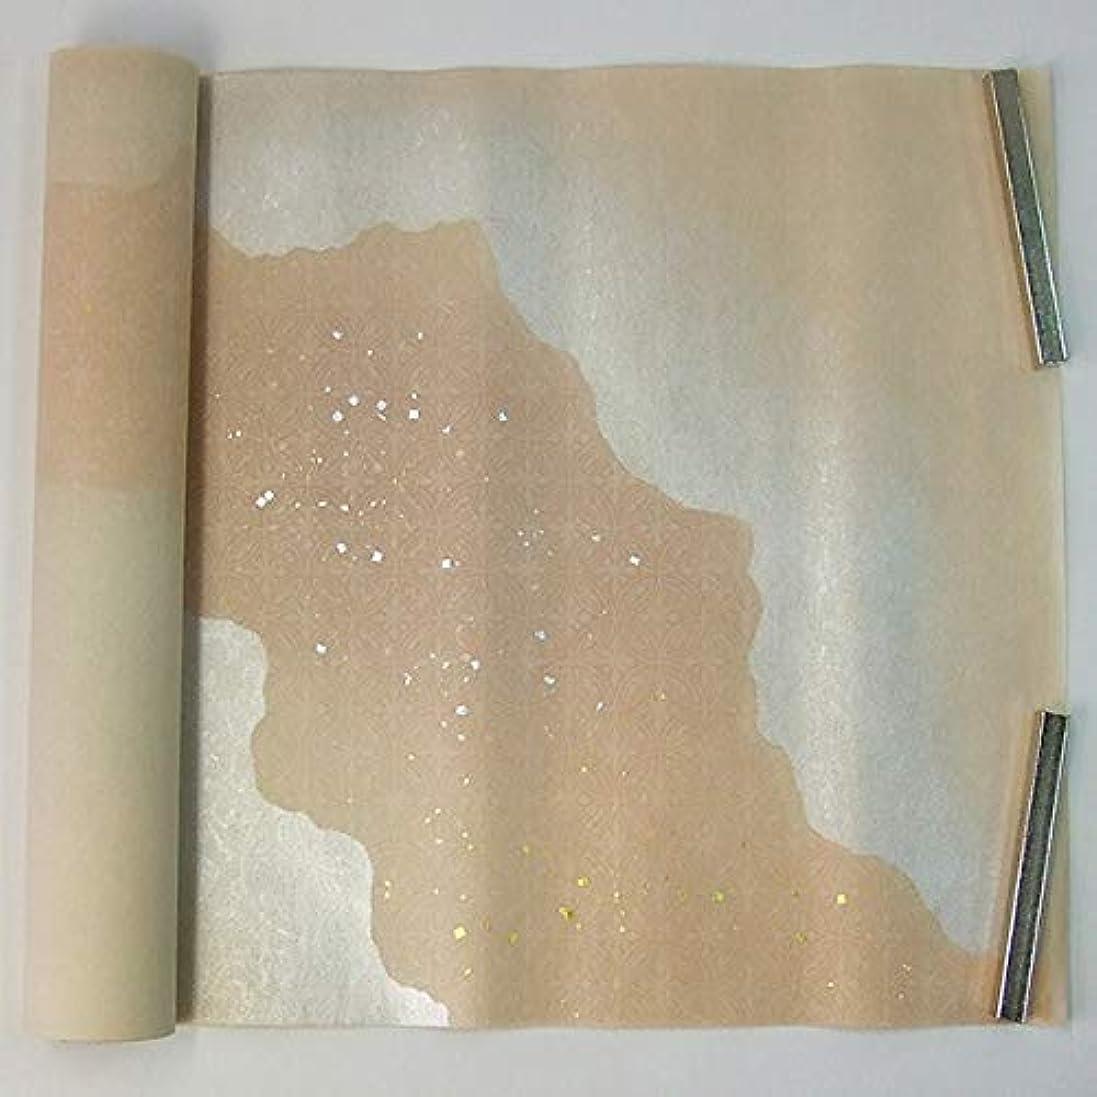 慣れている作動する不格好半切 楮紙 三色破り継ぎ風ボカシ 全面ギラ打 銀磨出切箔砂子 布目 蒲色 5枚 仮名用 加工紙